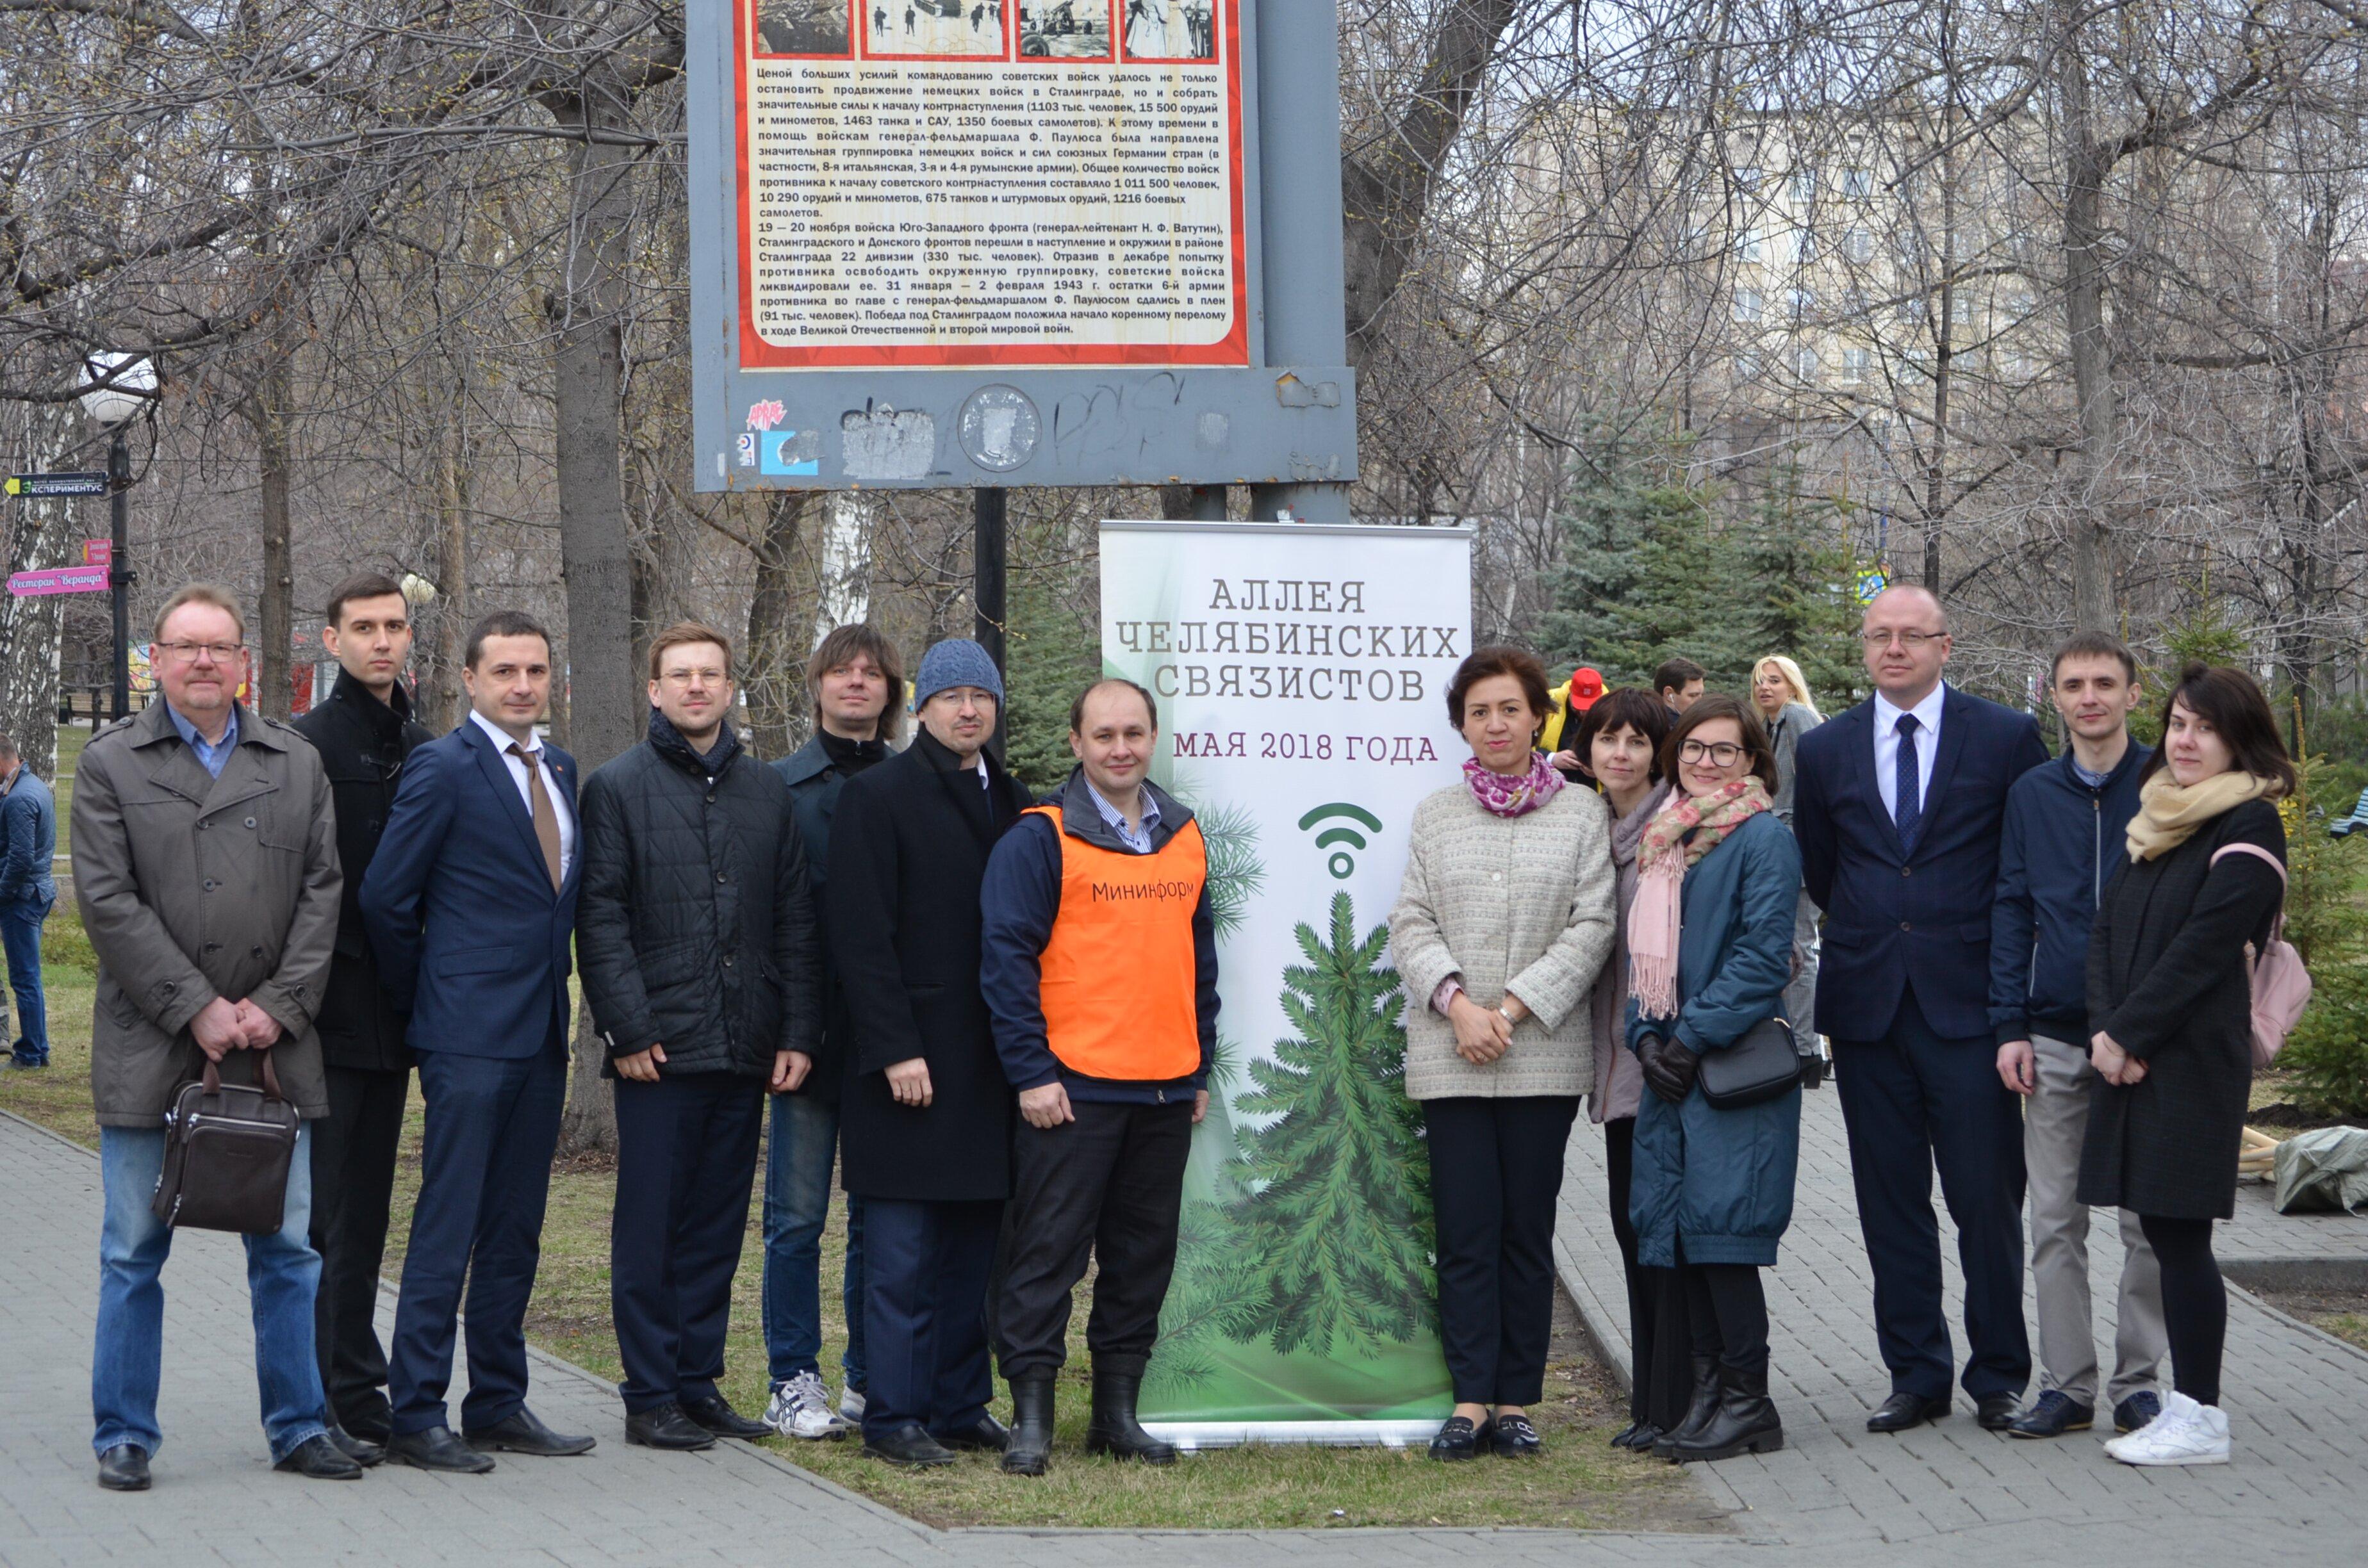 В Городском саду им. А.С. Пушкина появилась Аллея челябинских связистов